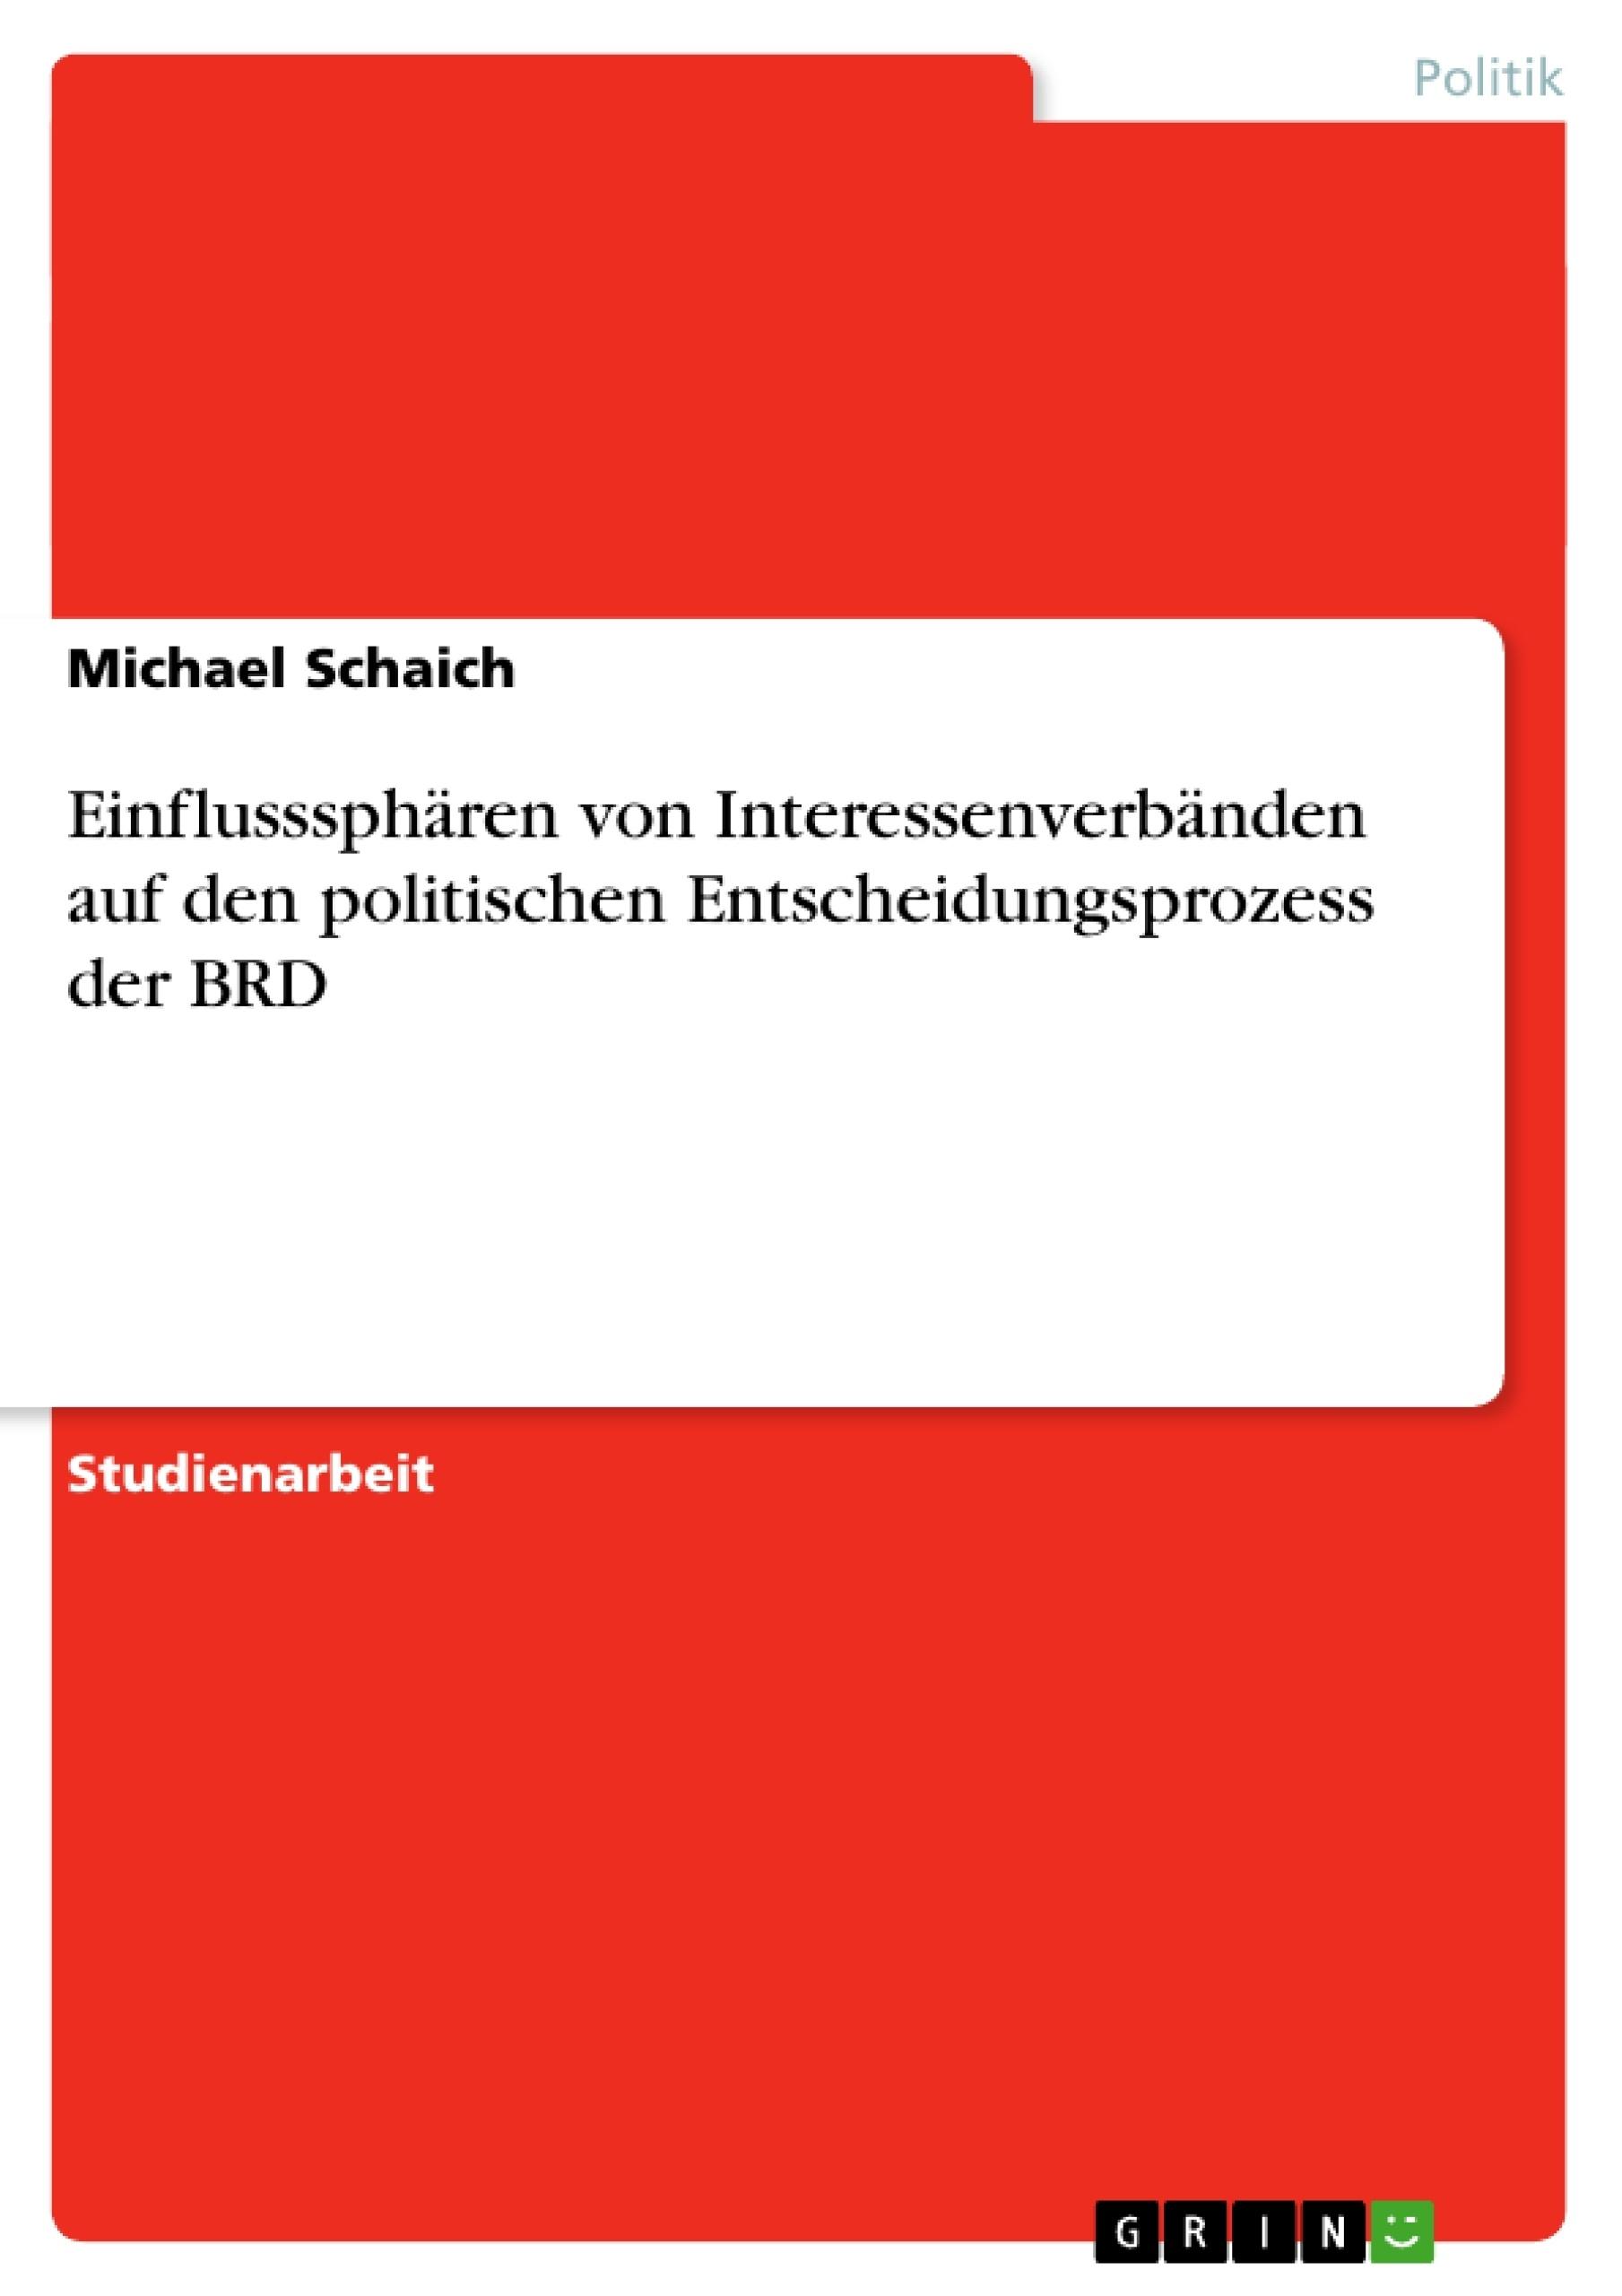 Titel: Einflusssphären von Interessenverbänden auf den politischen Entscheidungsprozess der BRD